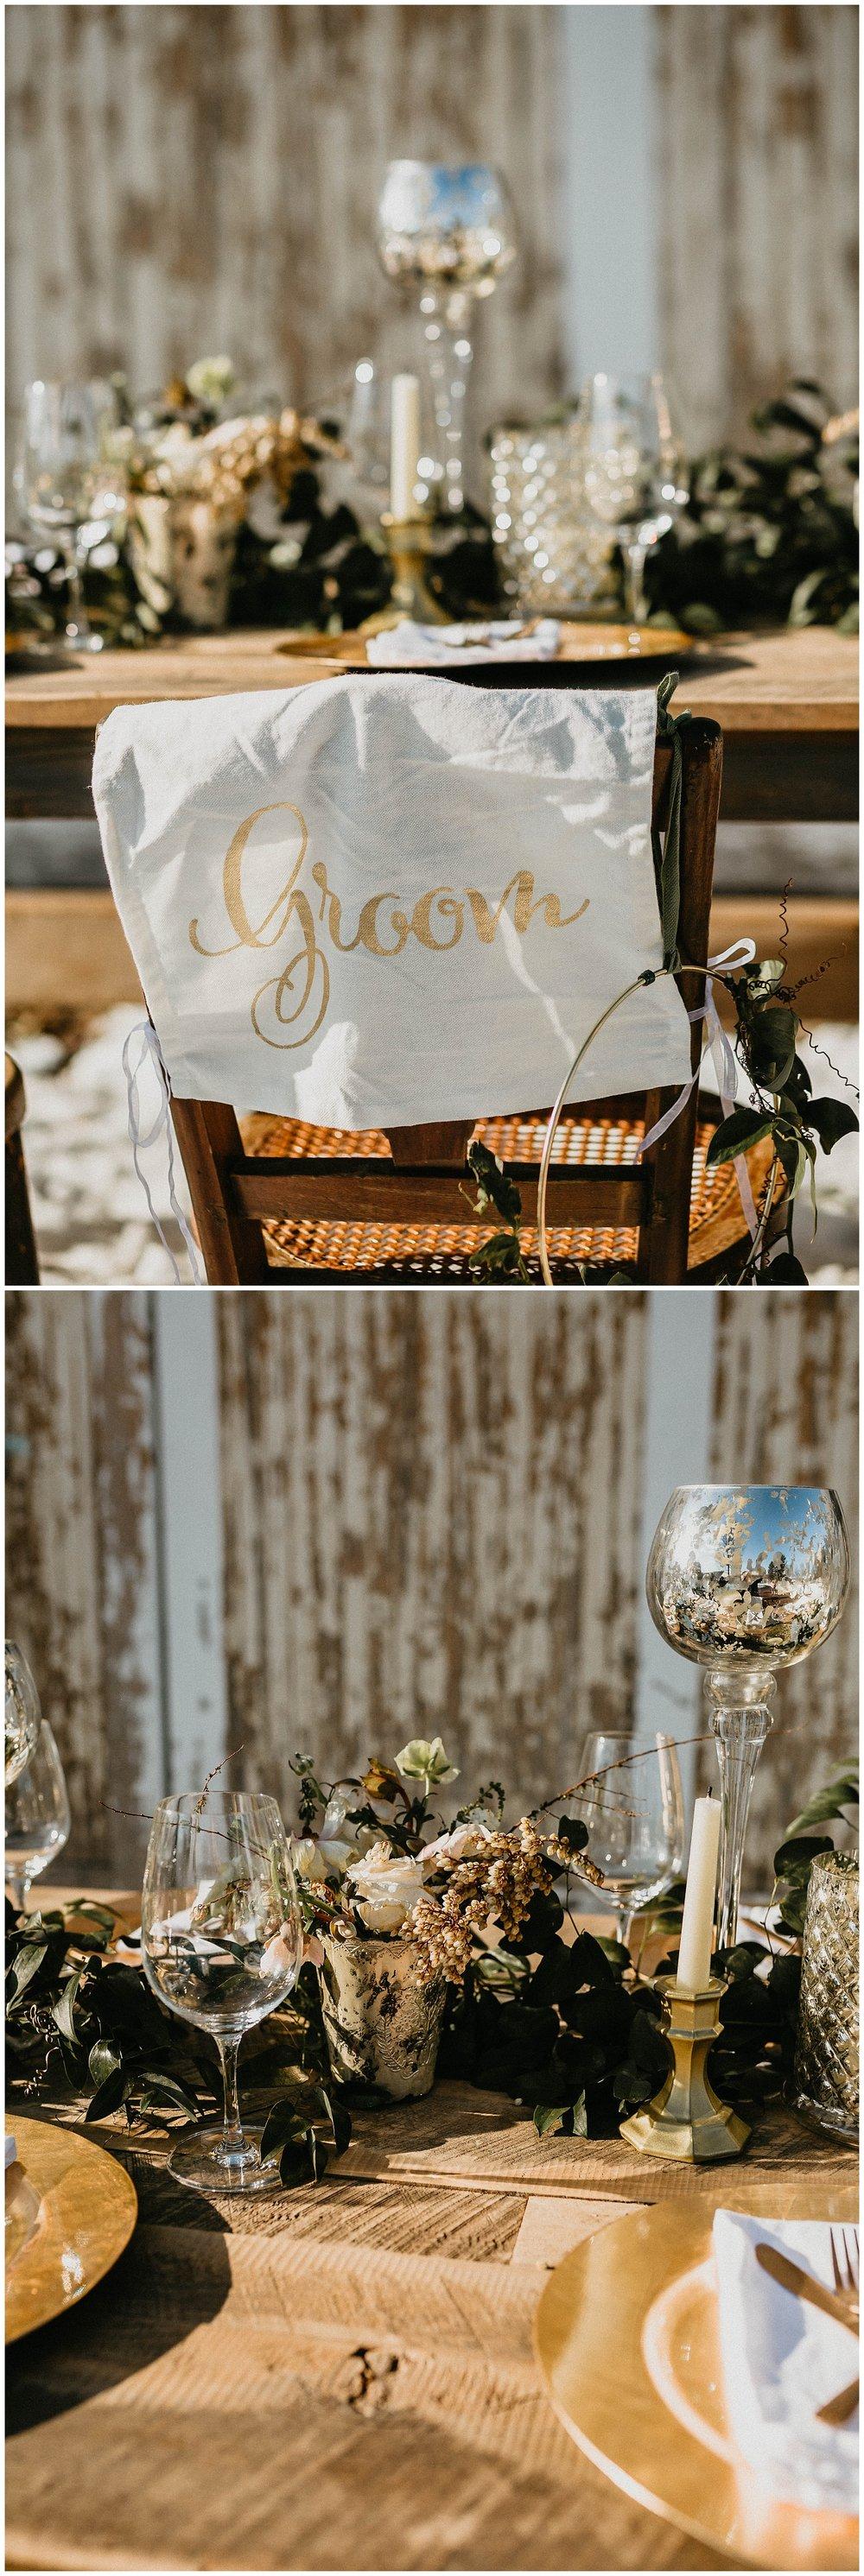 Pocono Winter Wedding with Bride and Groom_0169.jpg